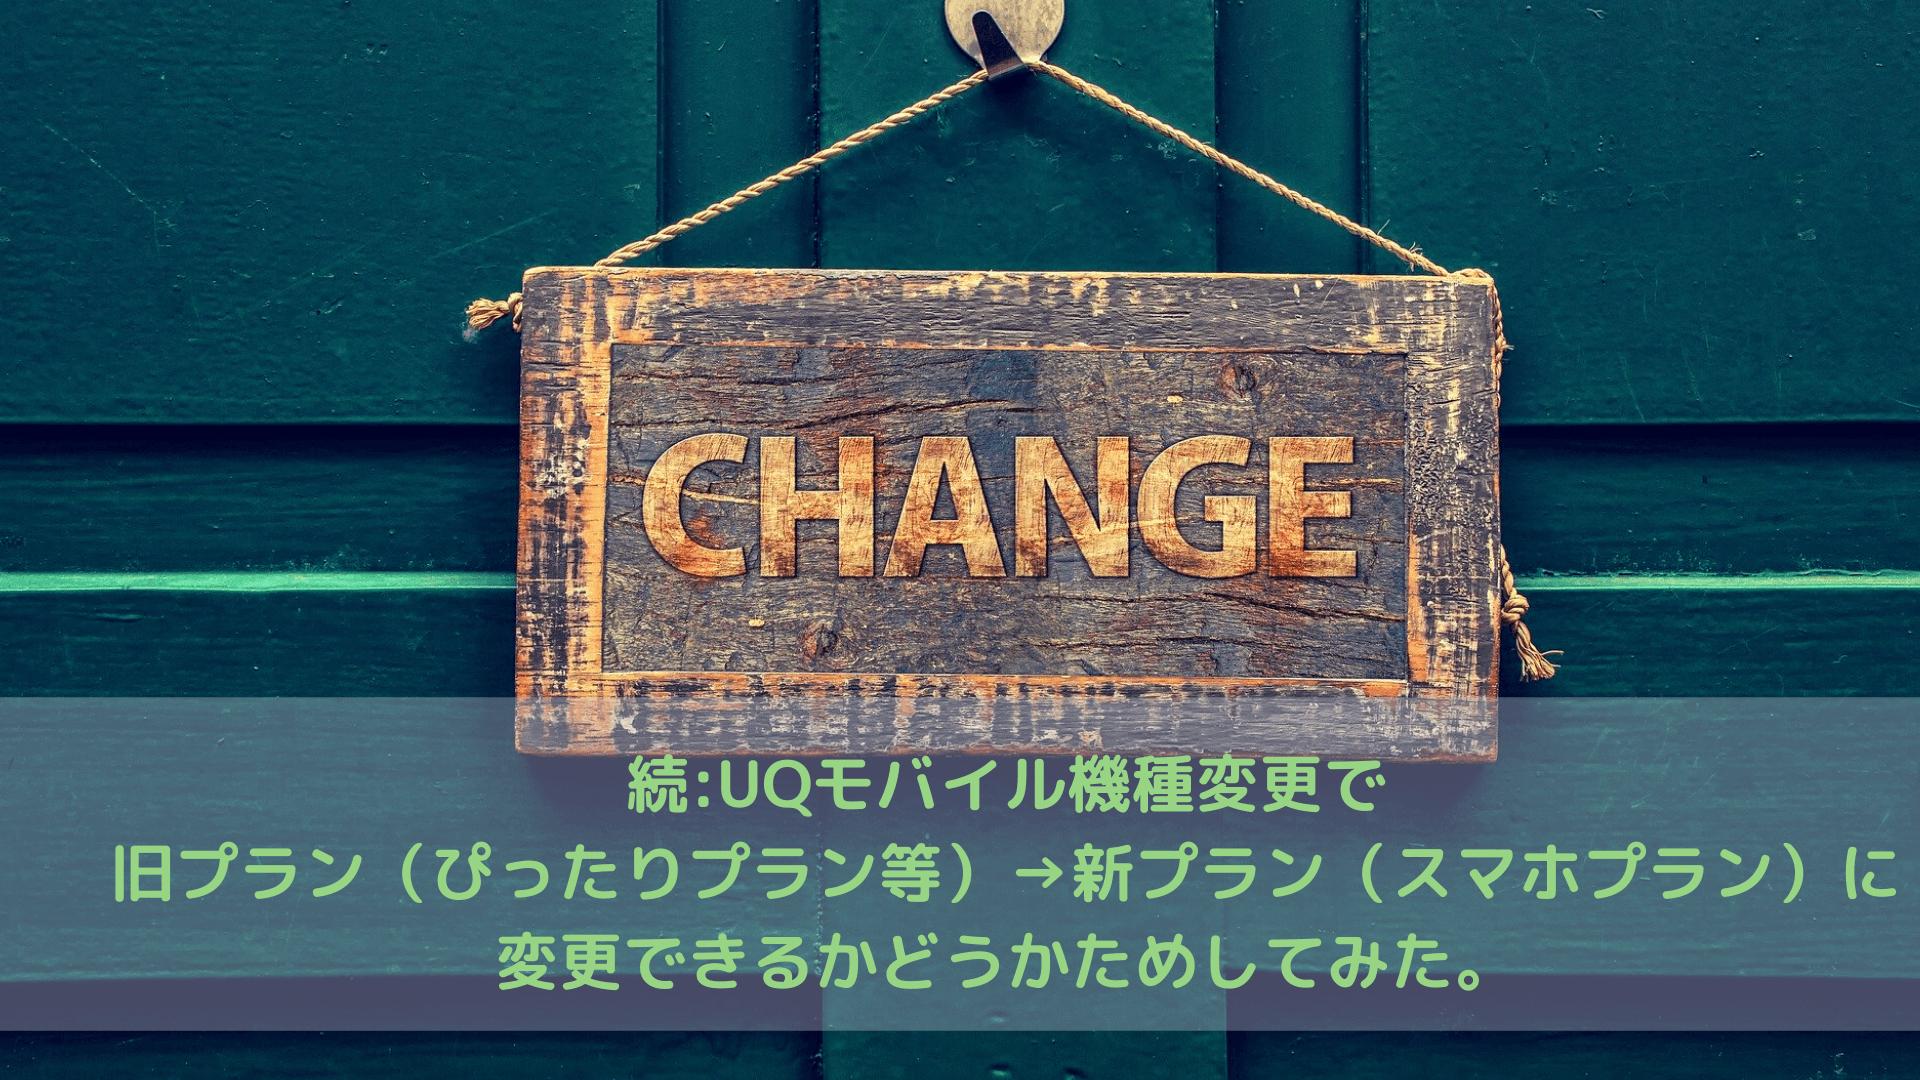 続UQモバイル機種変更で旧プラン(ぴったりプラン等)→新プラン(スマホプラン)に変更できるかどうかためしてみた。